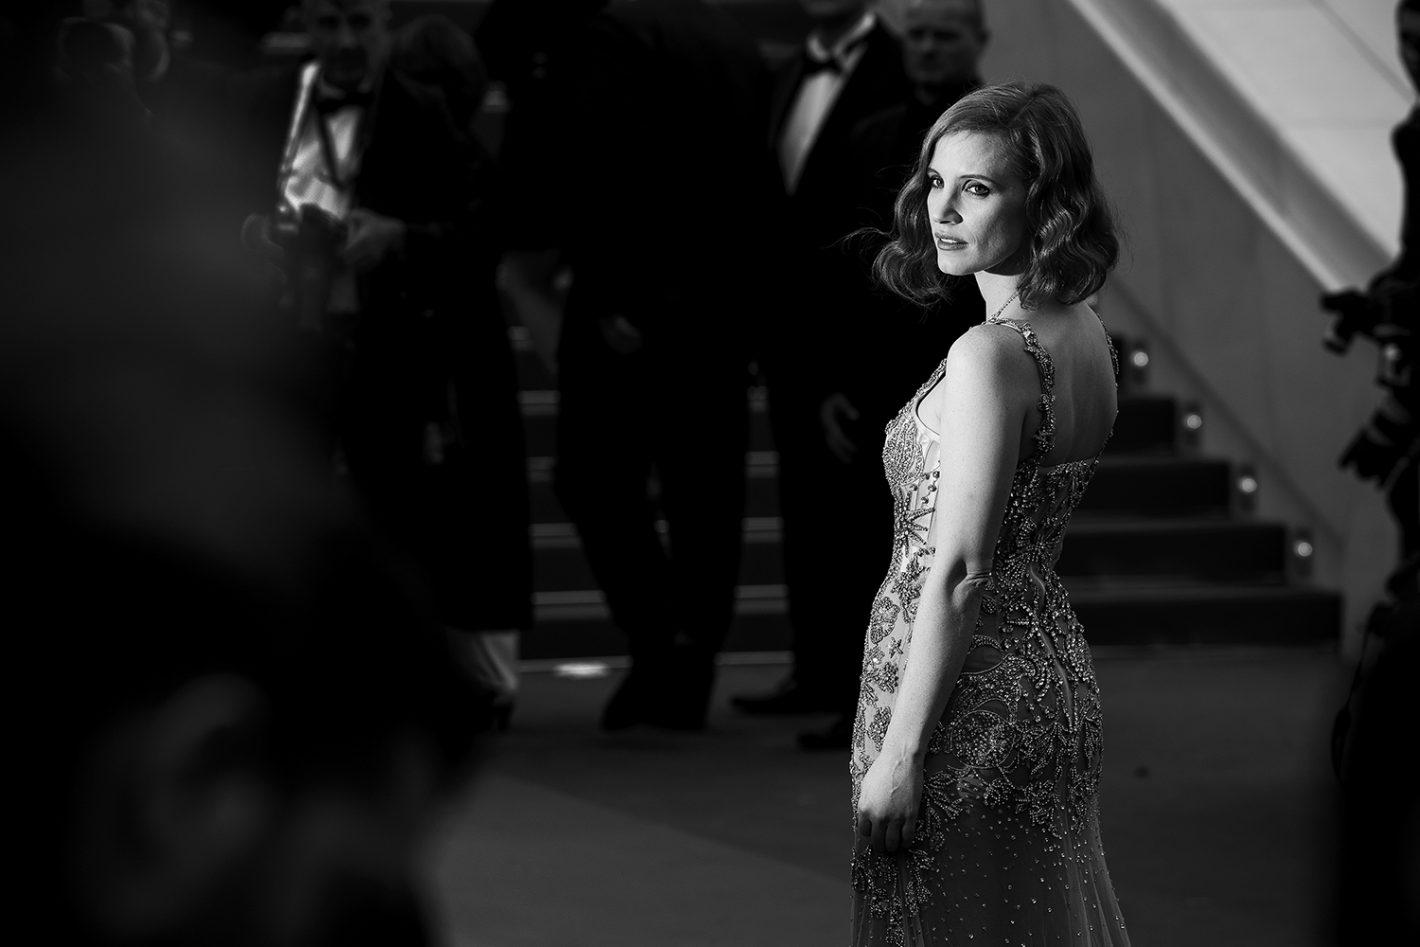 Festival de Cannes 2016 - Jessica Chastain - Nikon D5